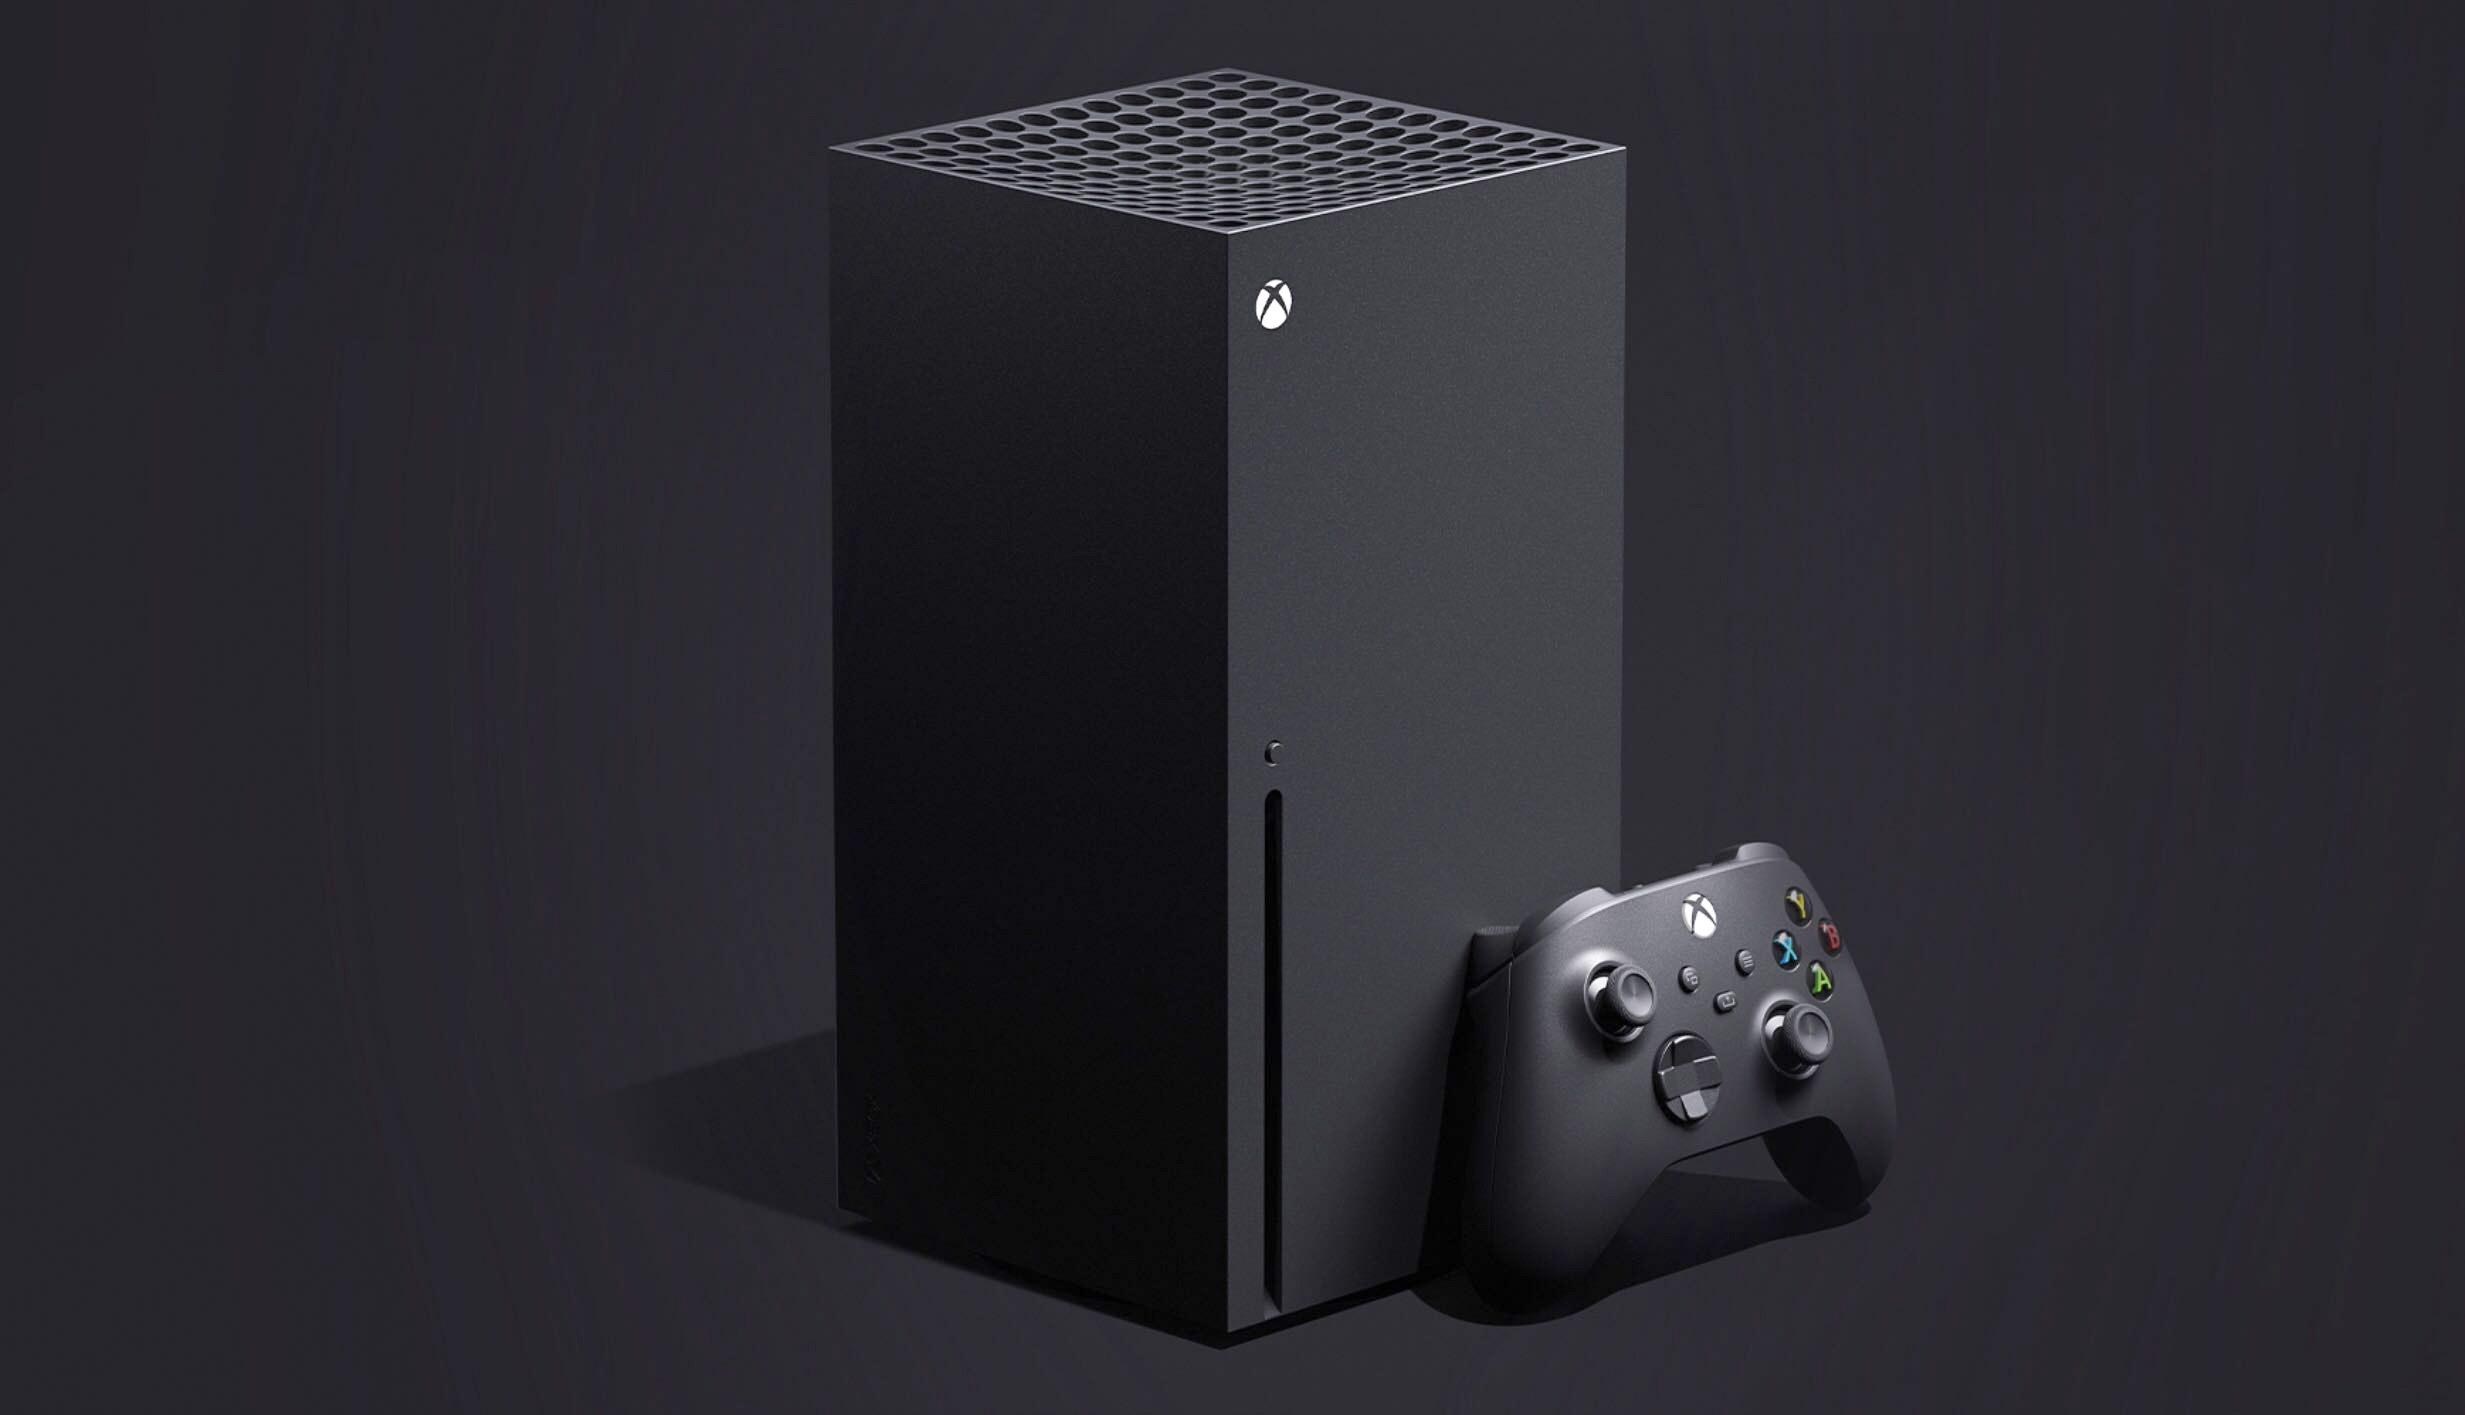 Samsung đang thúc đẩy Xbox Series X hỗ trợ màn hình ultrawide 1